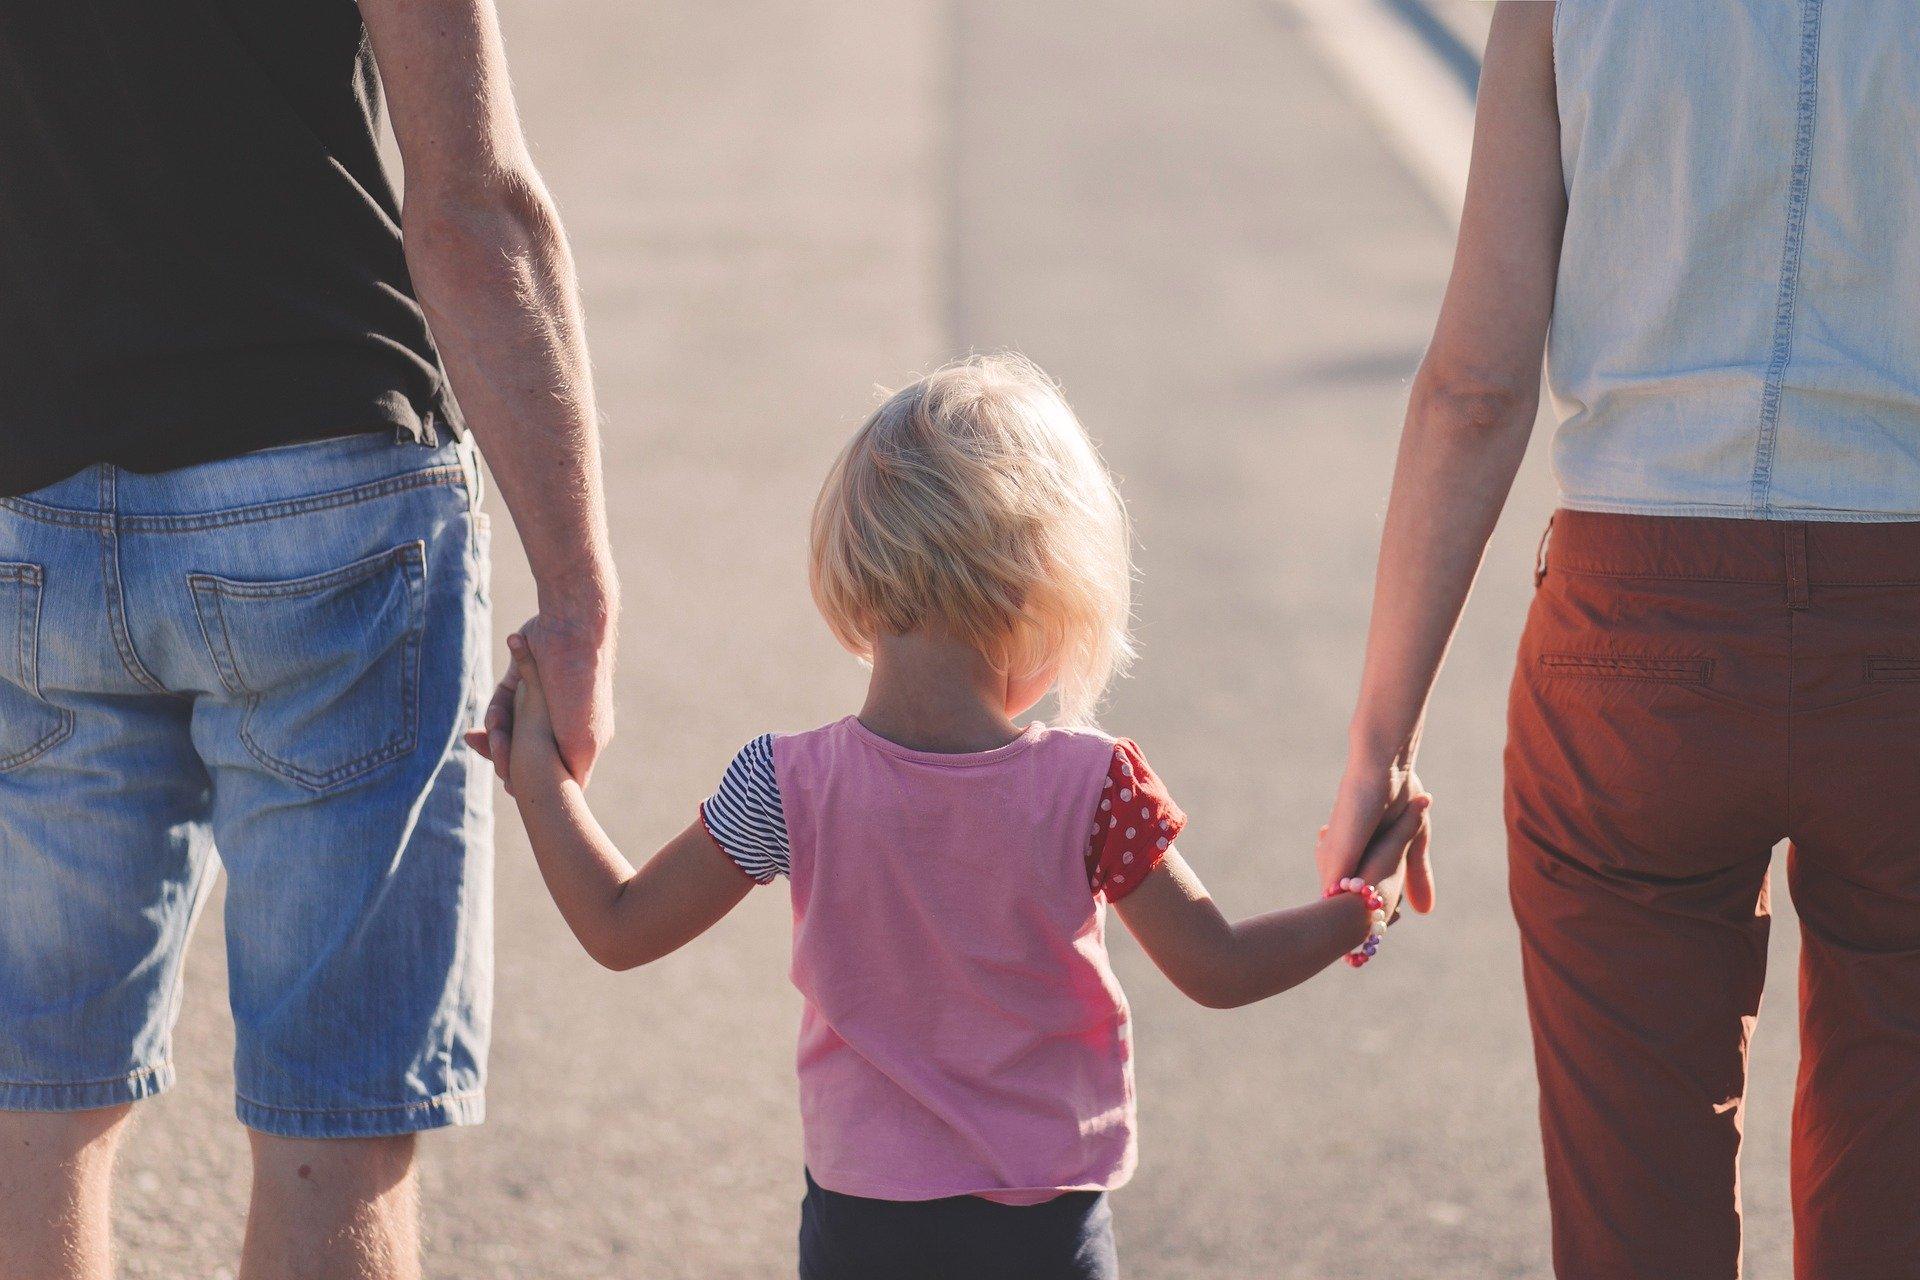 איך לעבוד מהבית וגם לתמוך בילדים?